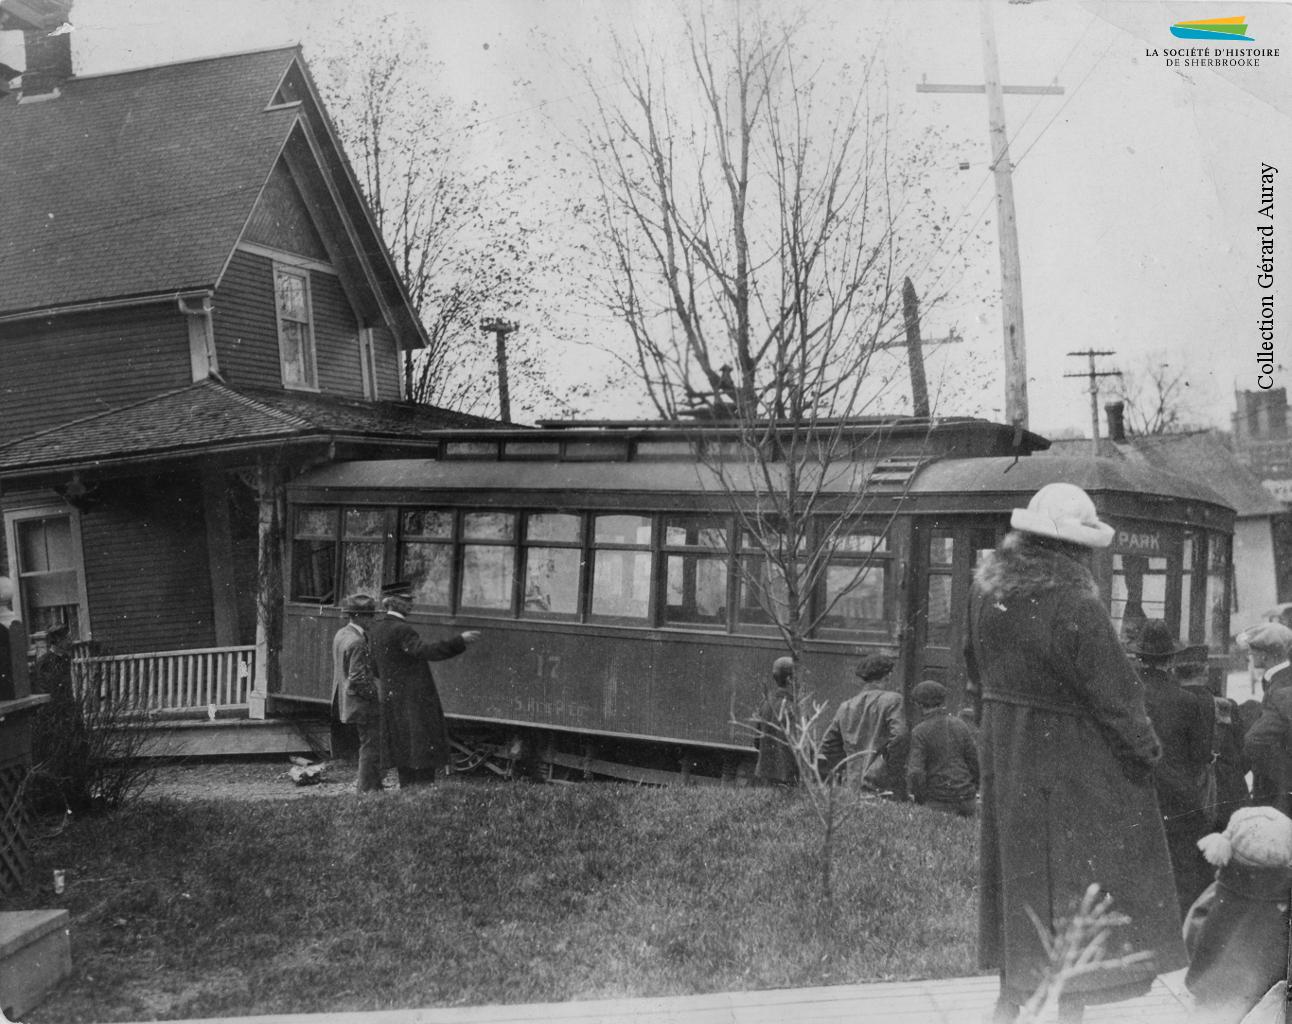 Les accidents impliquant le tramway sont rares, mais attirent à coup sûr l'attention. En 1921 par exemple, une voiture débarque de ses rails et termine sa course sur le perron d'une résidence située au coin des rues Parc et King Est.